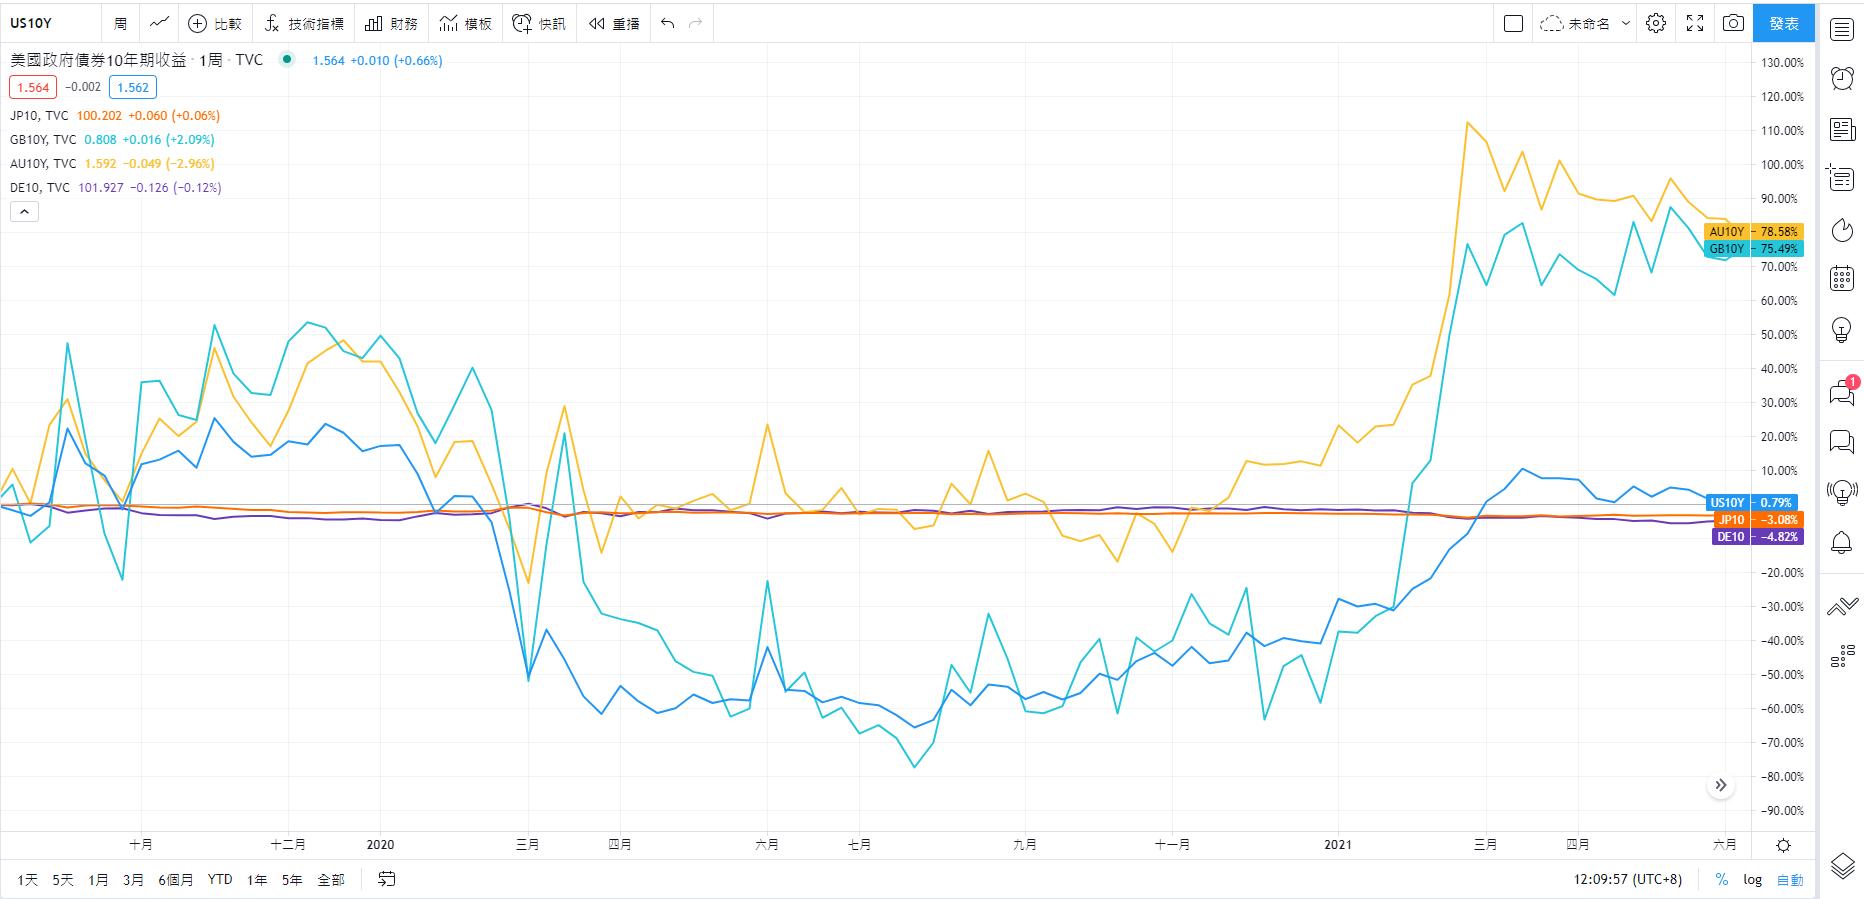 主要國家的公債10年殖利率相比較